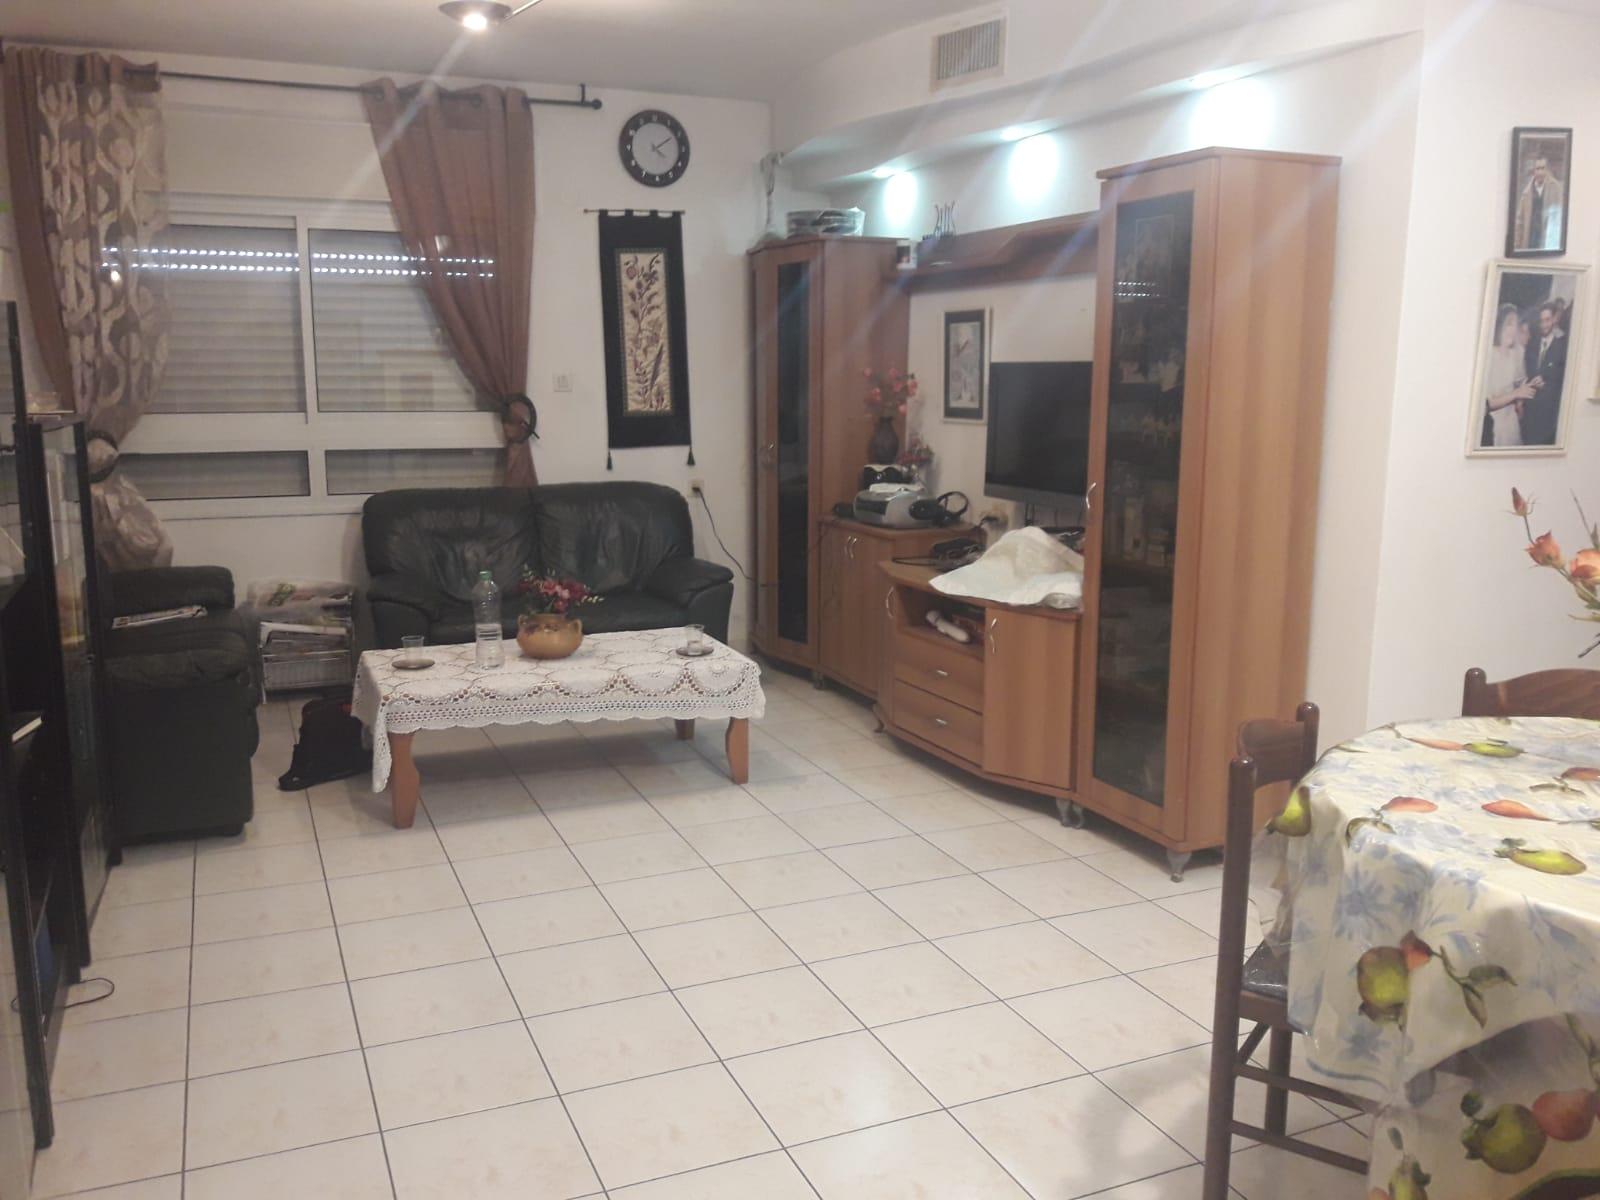 דירת 4.5 חדרים שמורה עם מרפסת בקריית שמואל